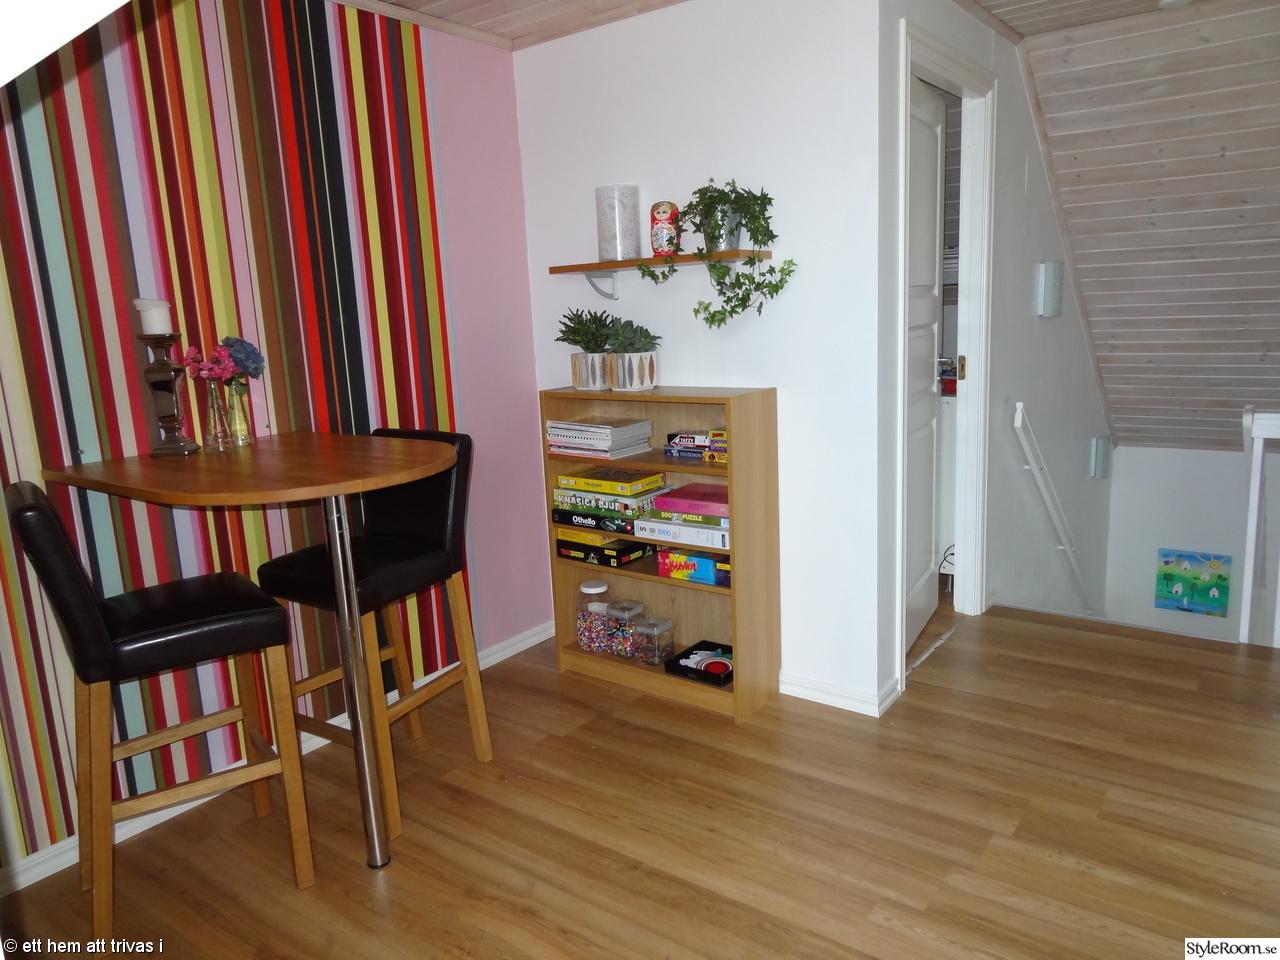 Ek möbler - Inspiration och idéer till ditt hem